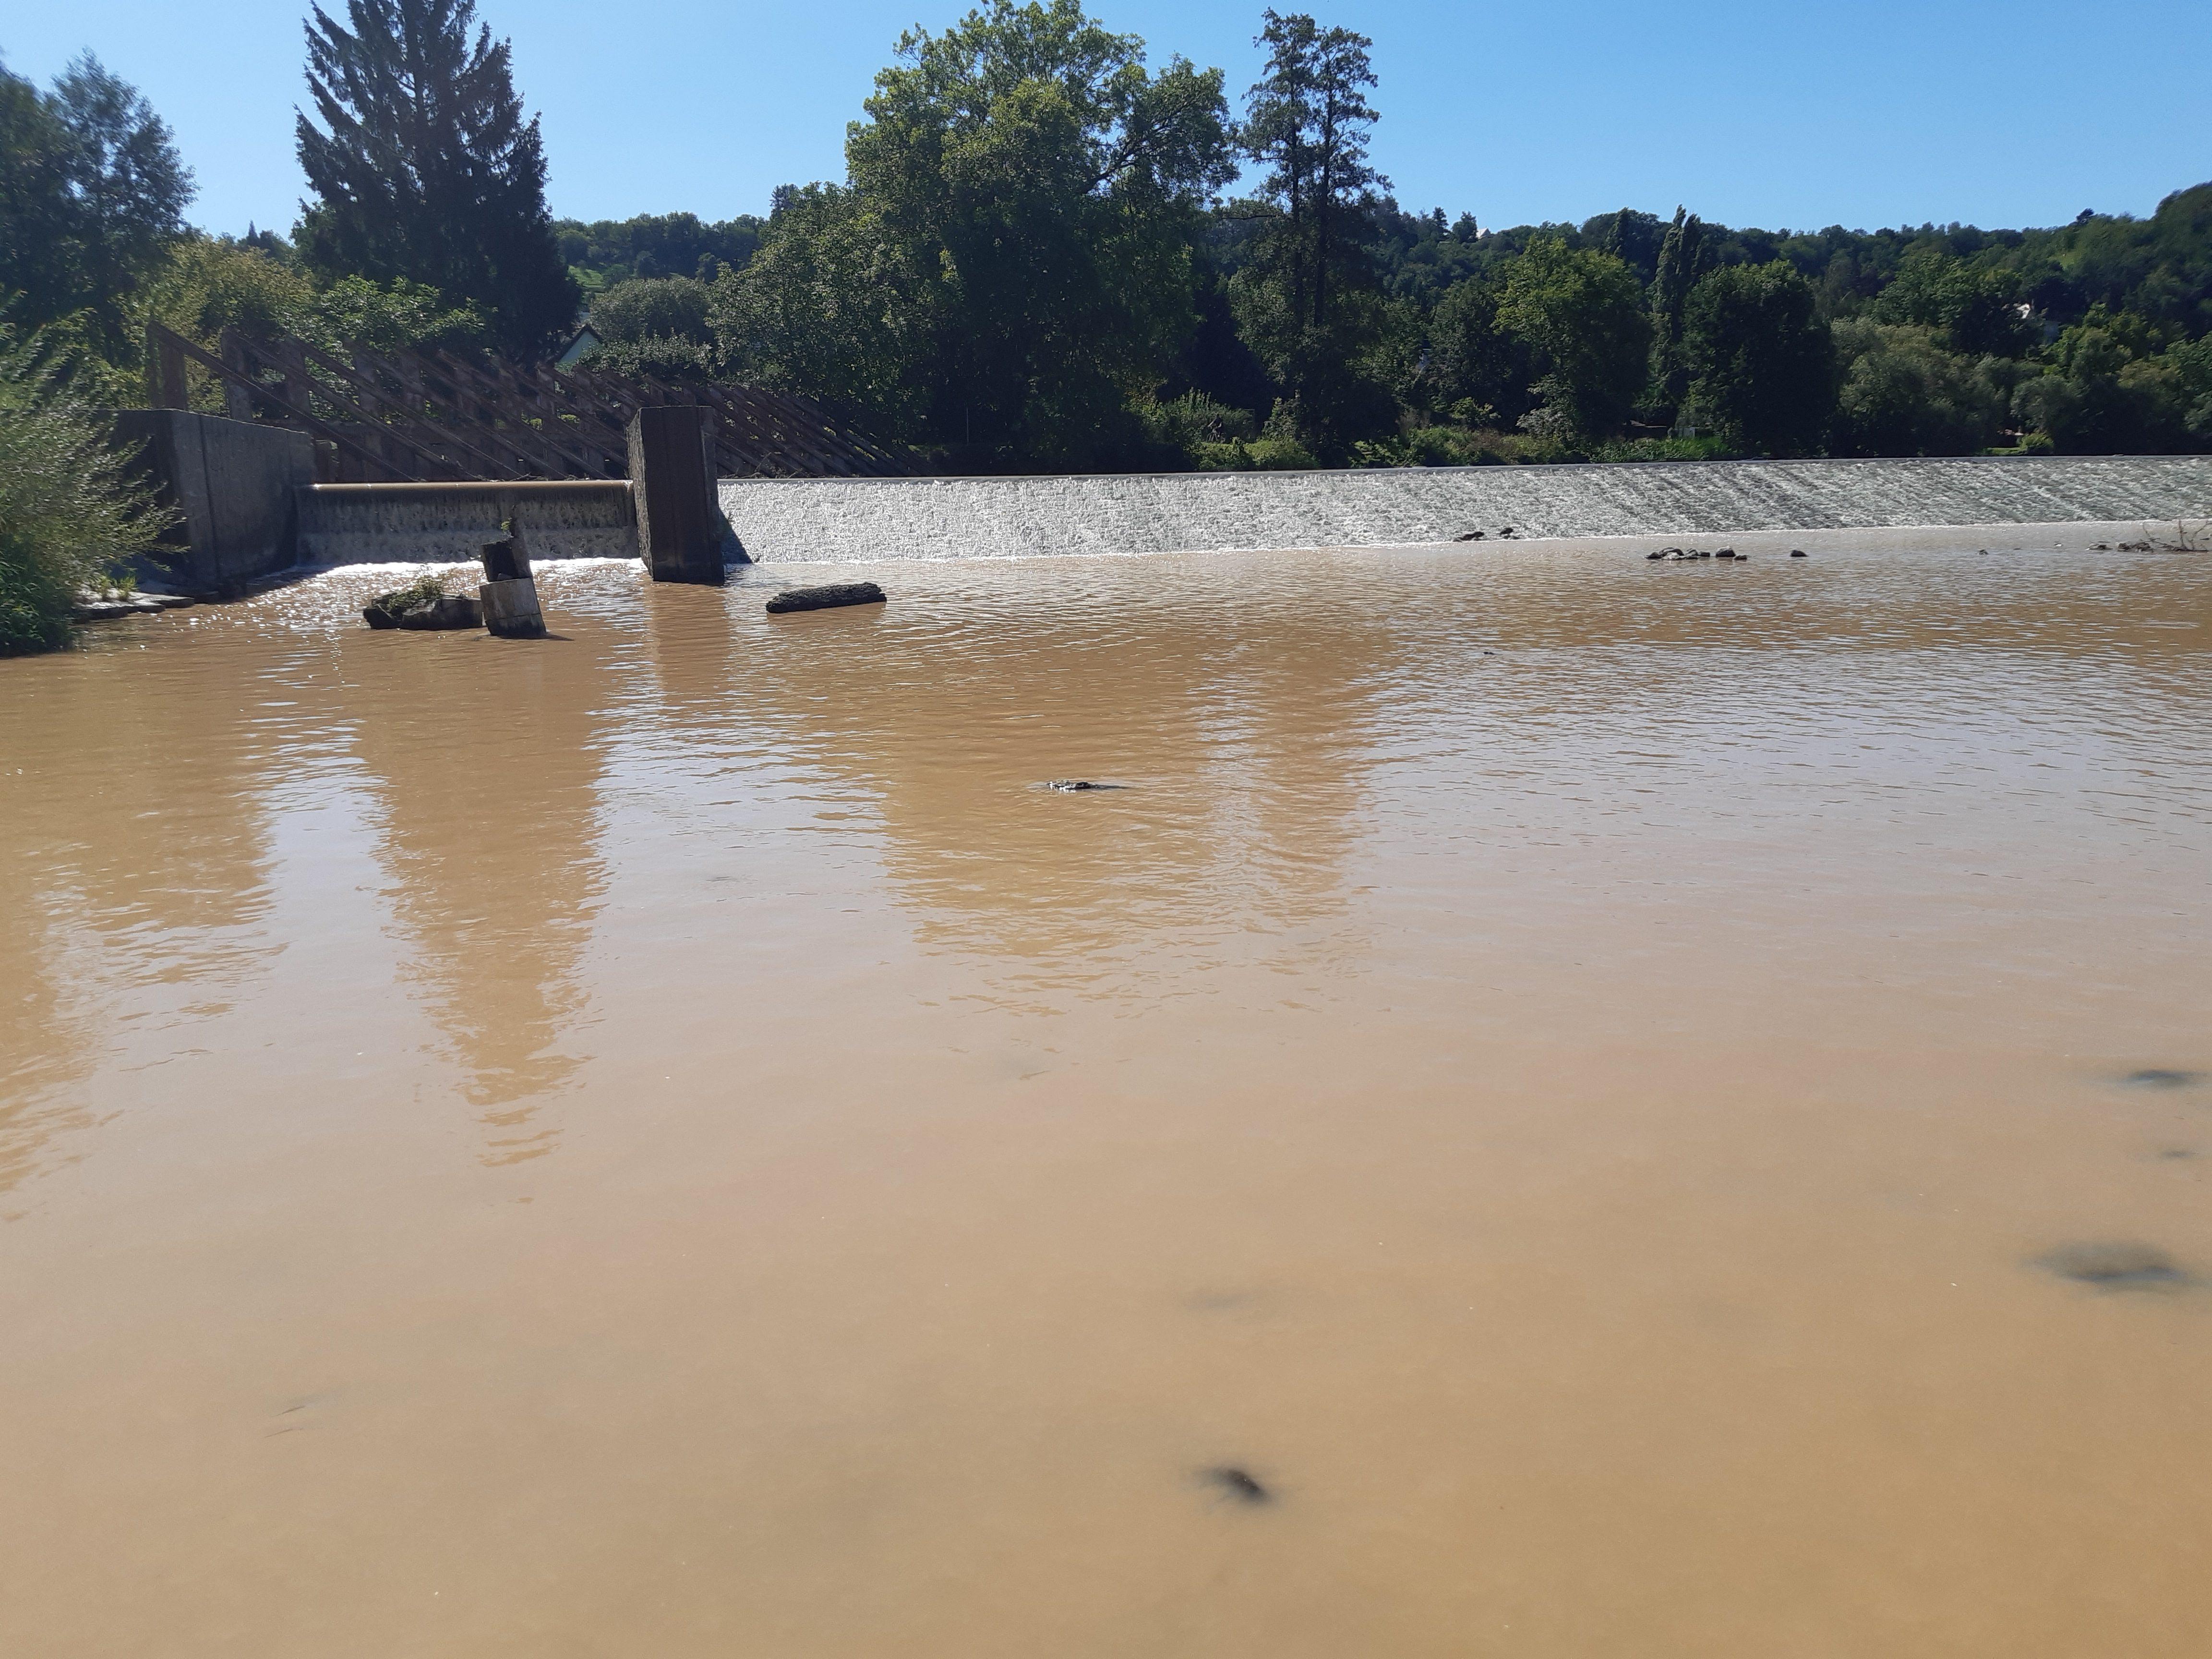 Kontaminovaná voda postupuje do Berounky. Ryby z řeky mohou být zdraví nebezpečné!